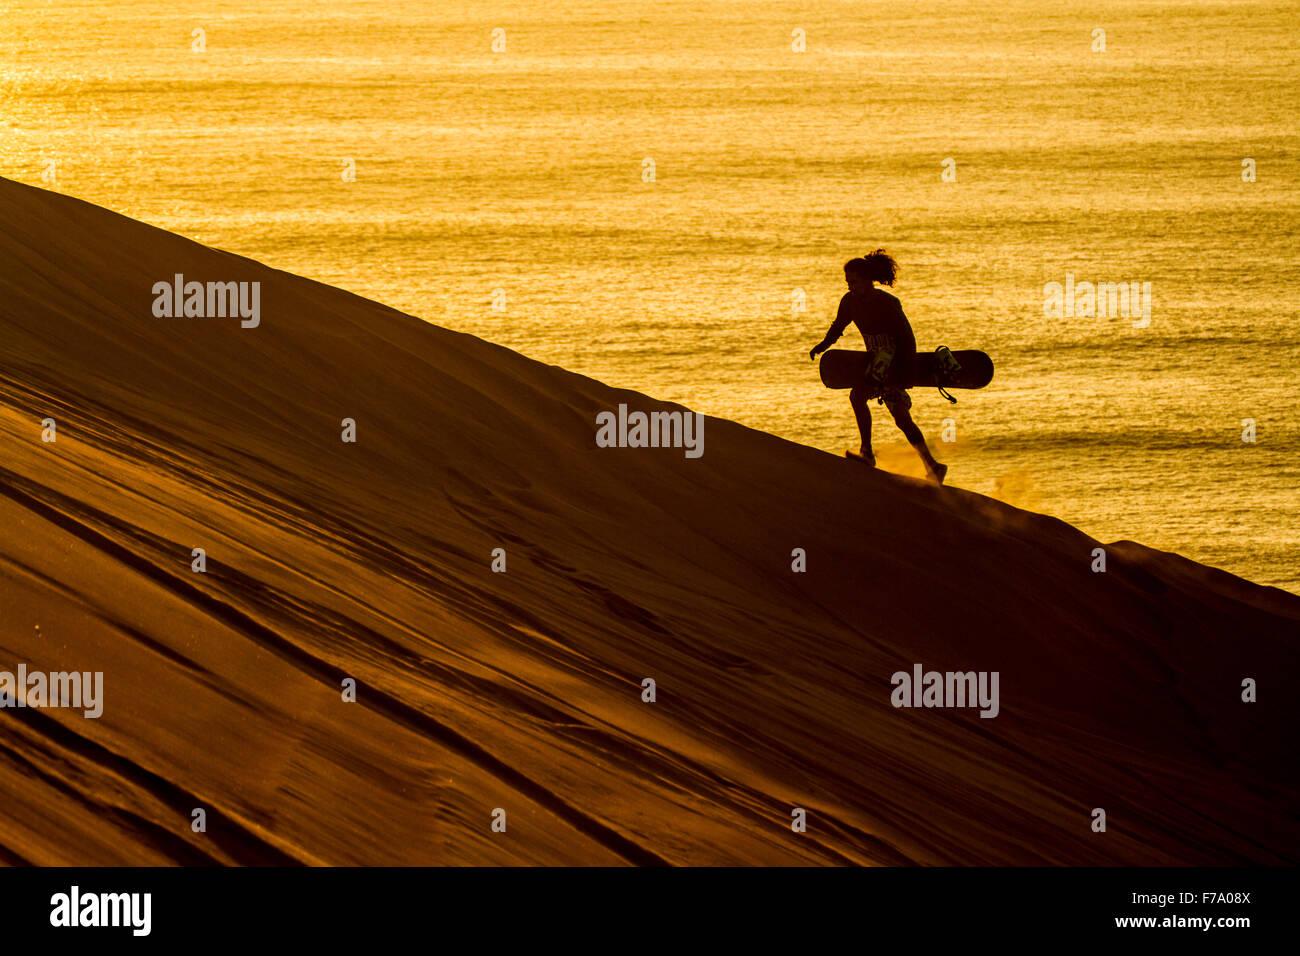 Silueta de un sandboarder paseos al atardecer en Cerro Dragón, una duna de arena situada junto a la ciudad Imagen De Stock